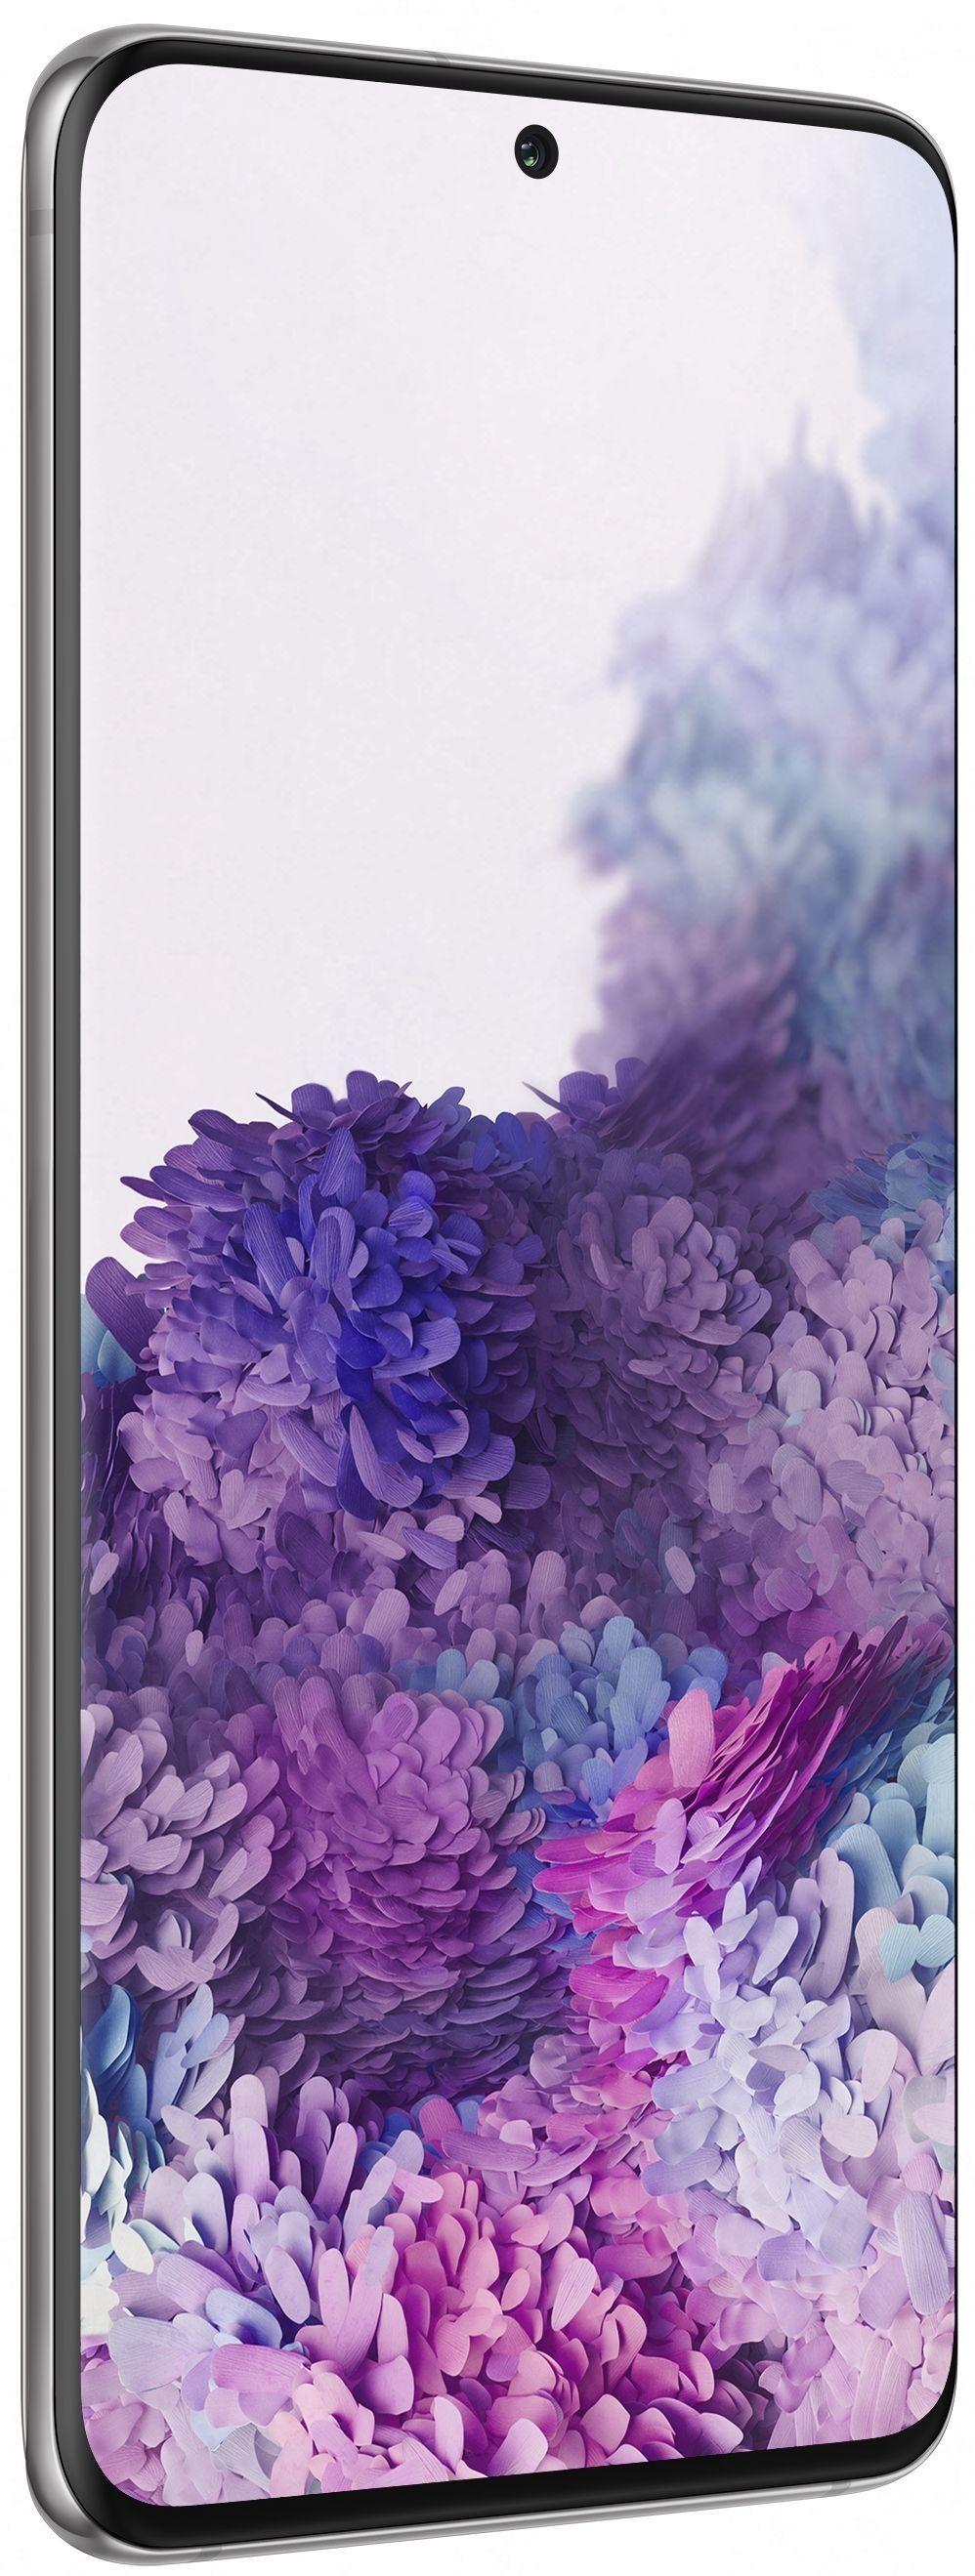 Смартфон Samsung Galaxy S20 (SM-G980FZADSEK) Gray от Територія твоєї техніки - 5